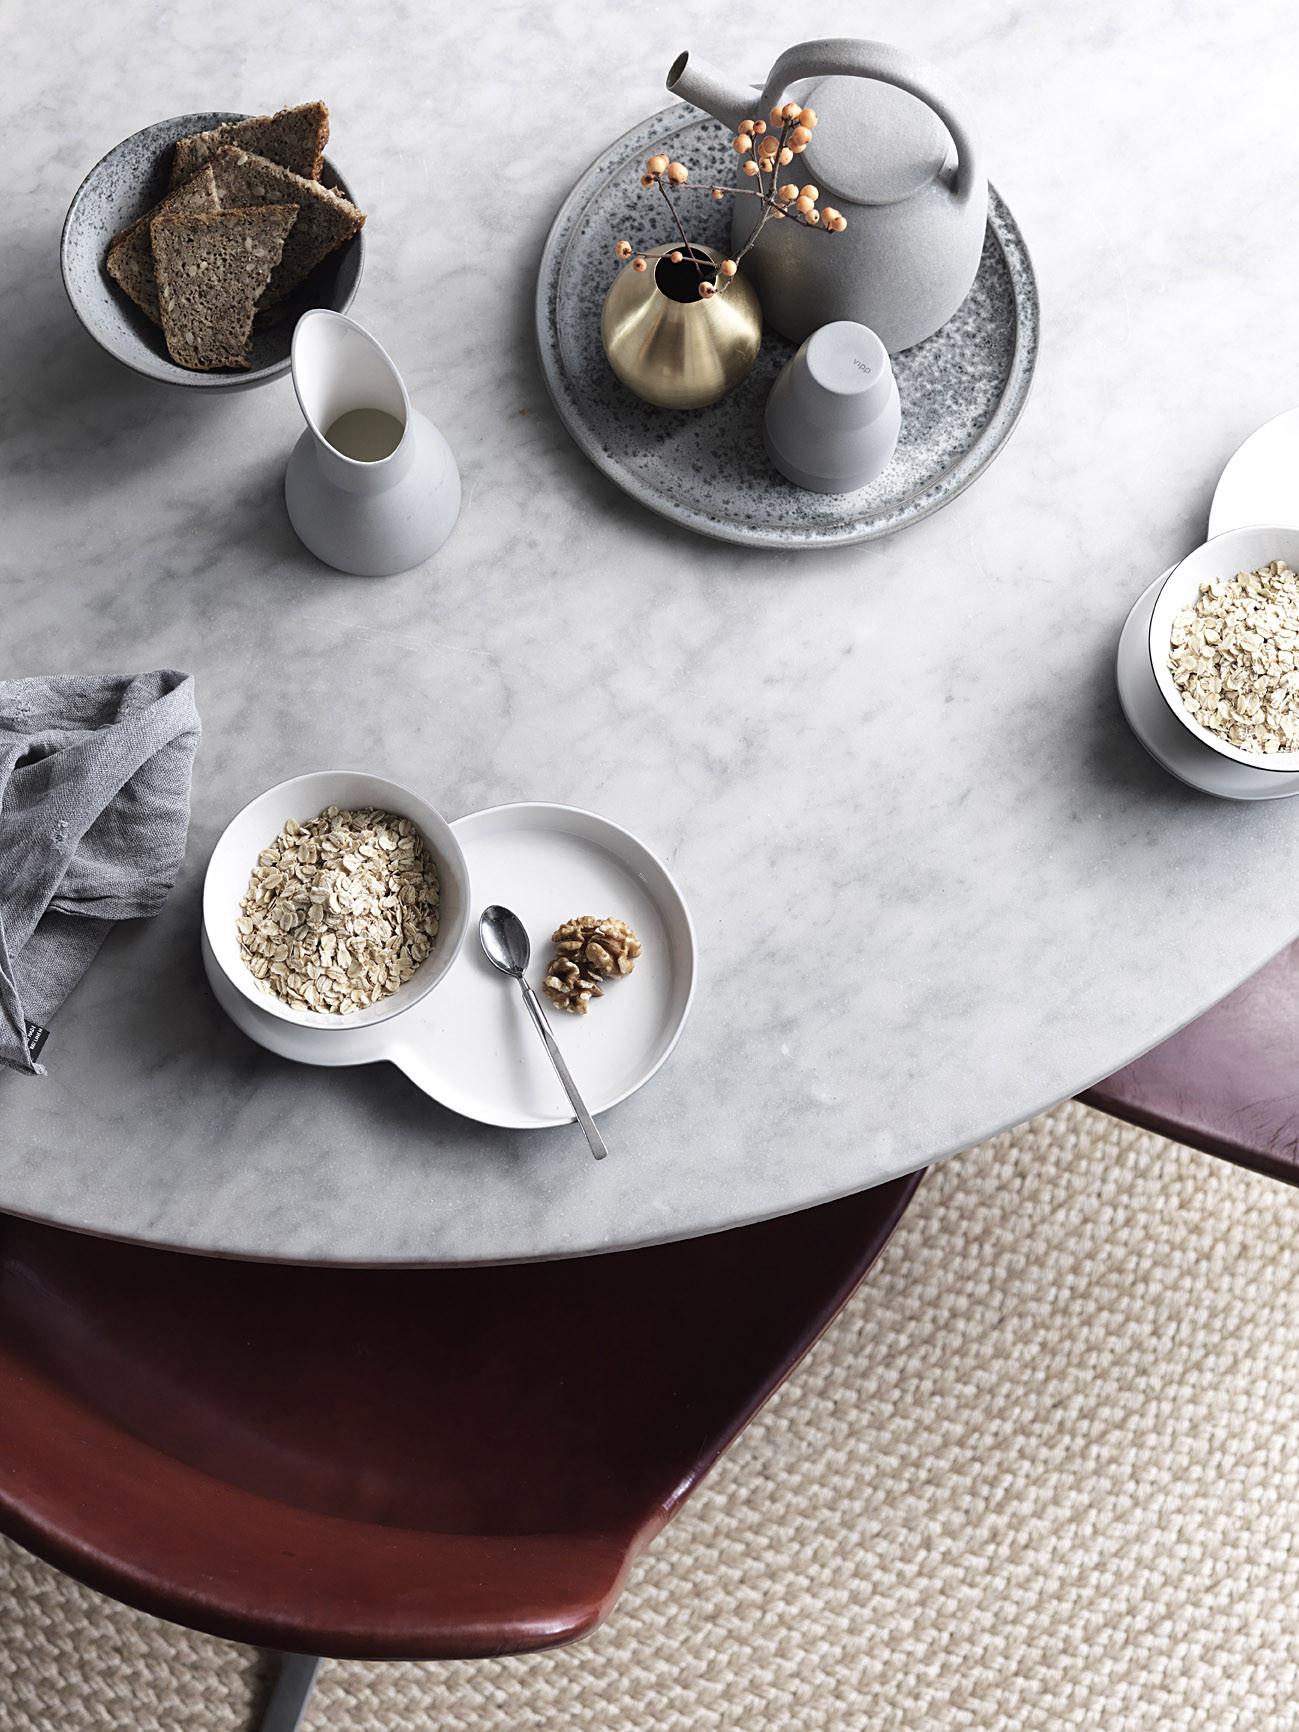 vipp Tea Cup Set grey VIPP203, 20301, 5705953001153